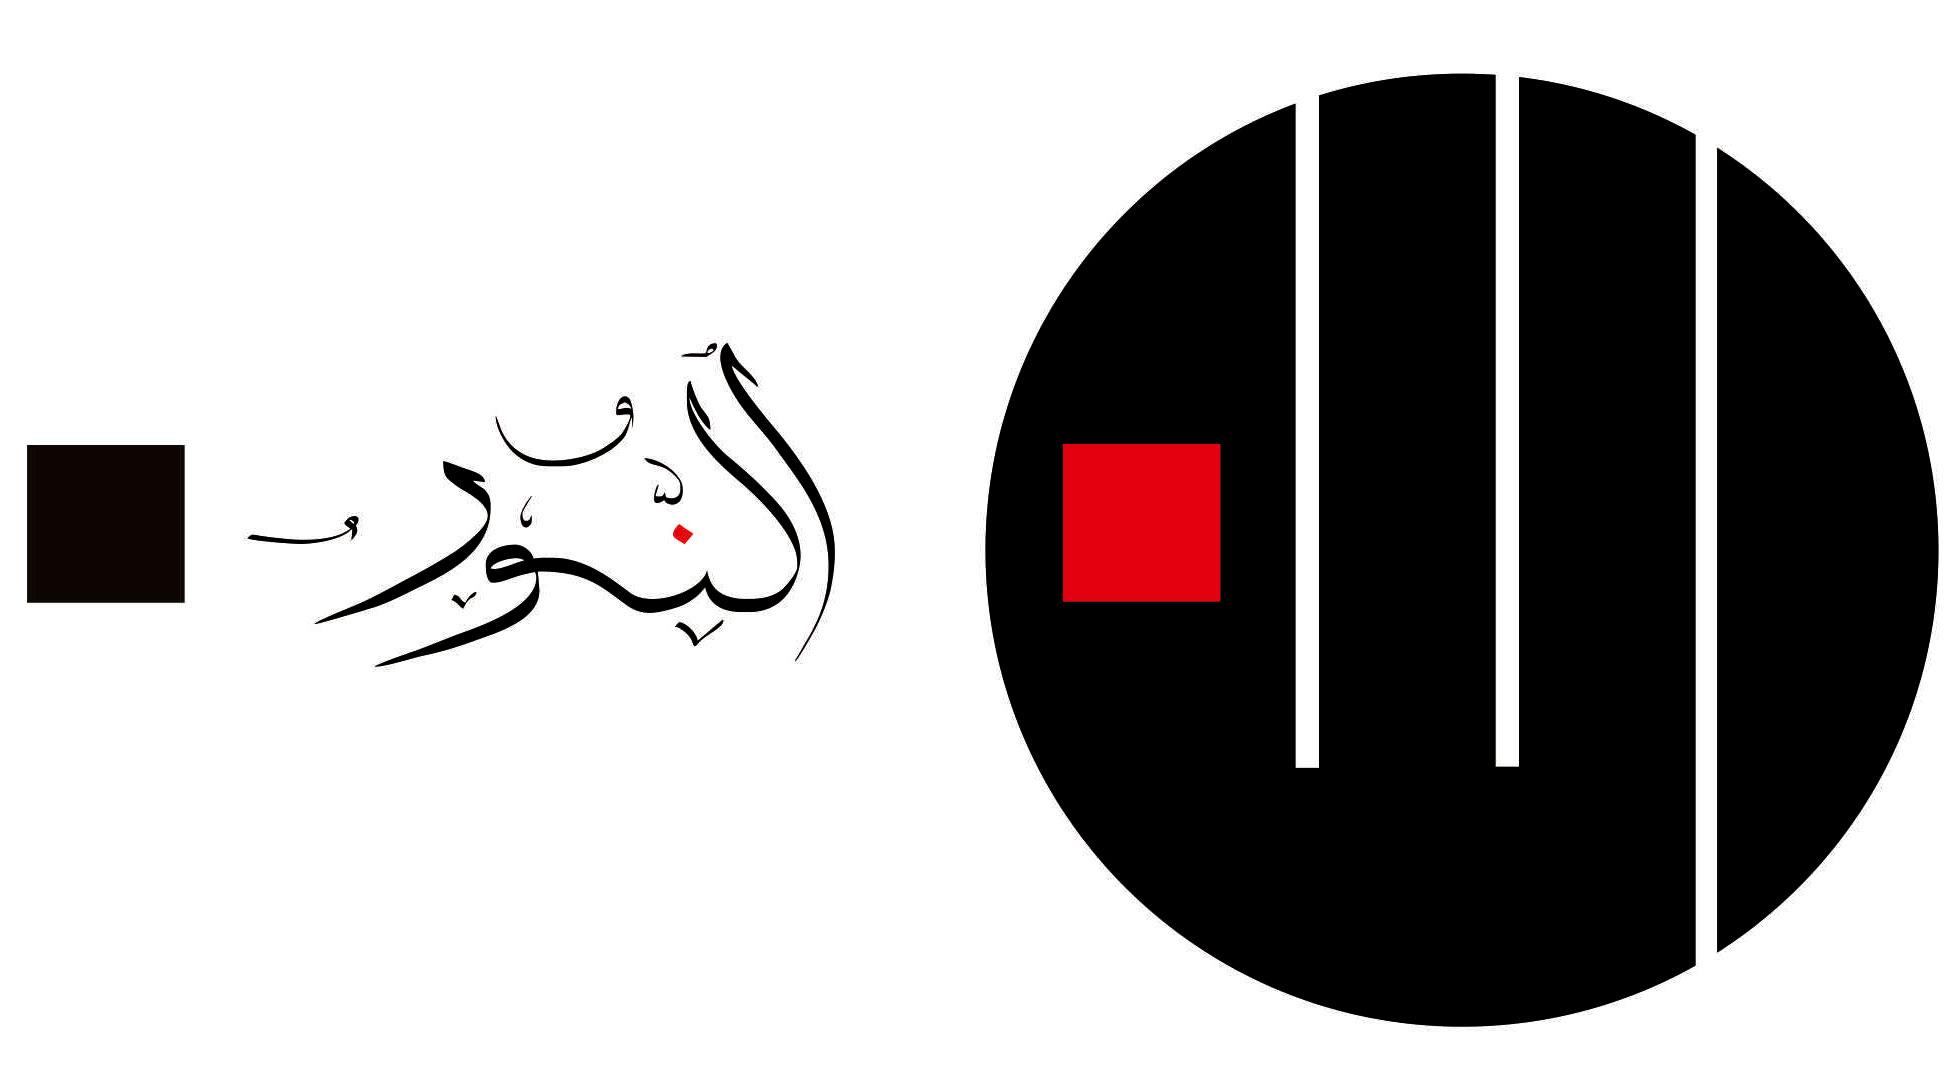 Allah an-Noor (c) Razwan Ul-Haq